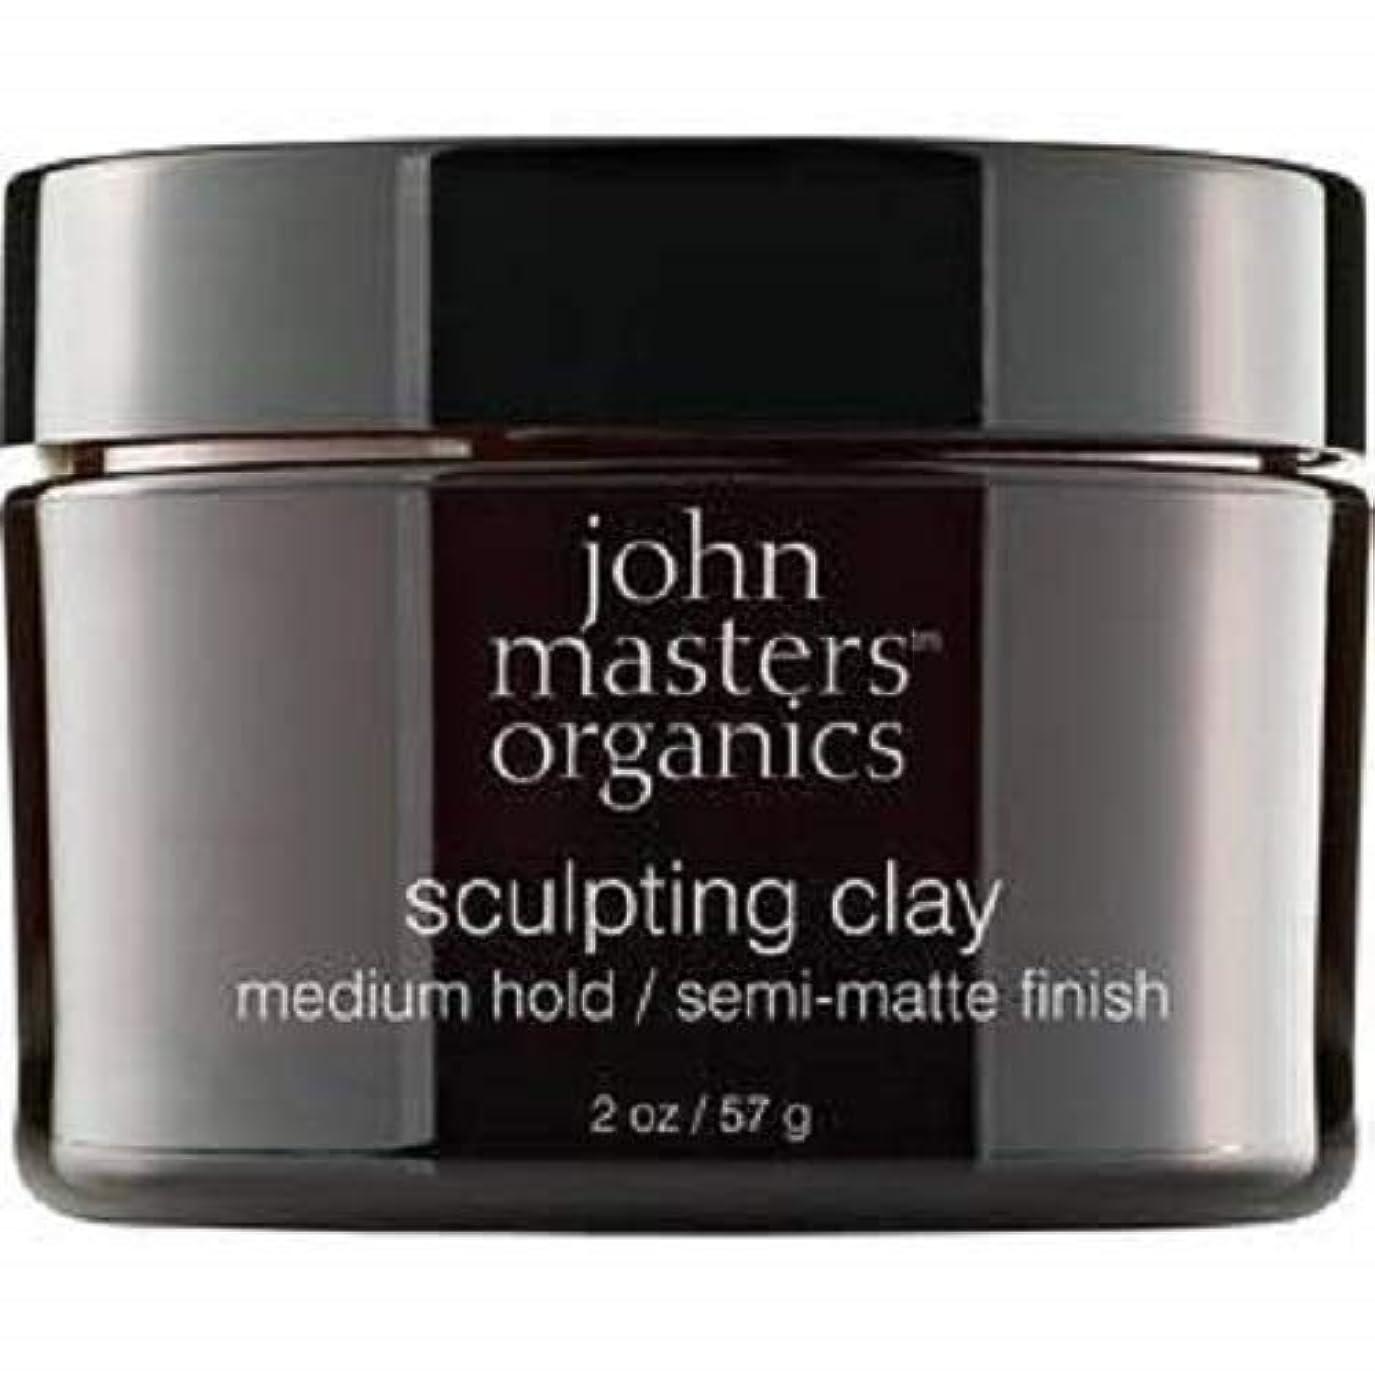 突き刺す否認する浜辺John Masters Organics Sculpting Clay medium hold / semi-matt finish 2 OZ,57 g